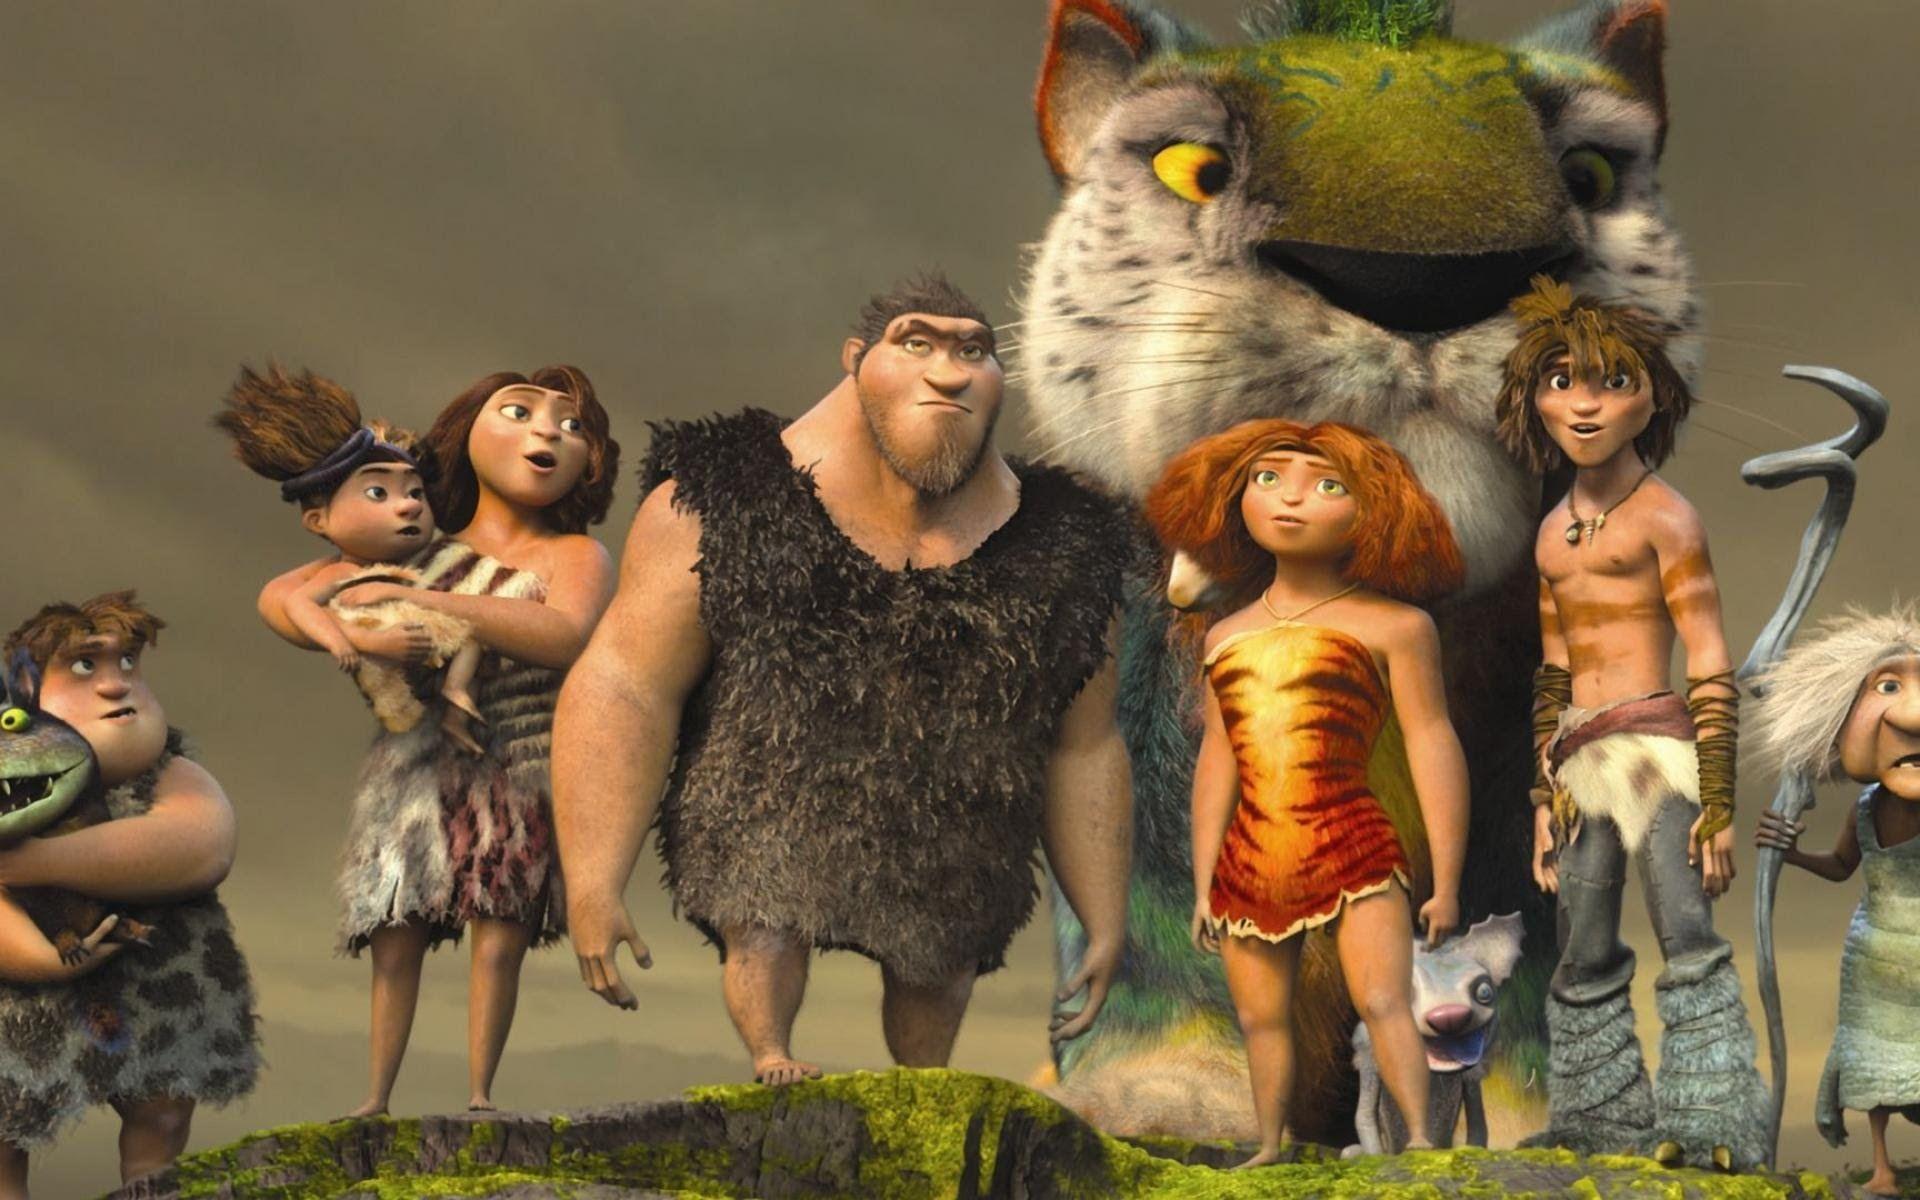 Los Croods Una Aventura Prehistorica Dibujos Pelicula Completa En Español Latino 2015 Animated Movies Walt Disney Movies Good Animated Movies